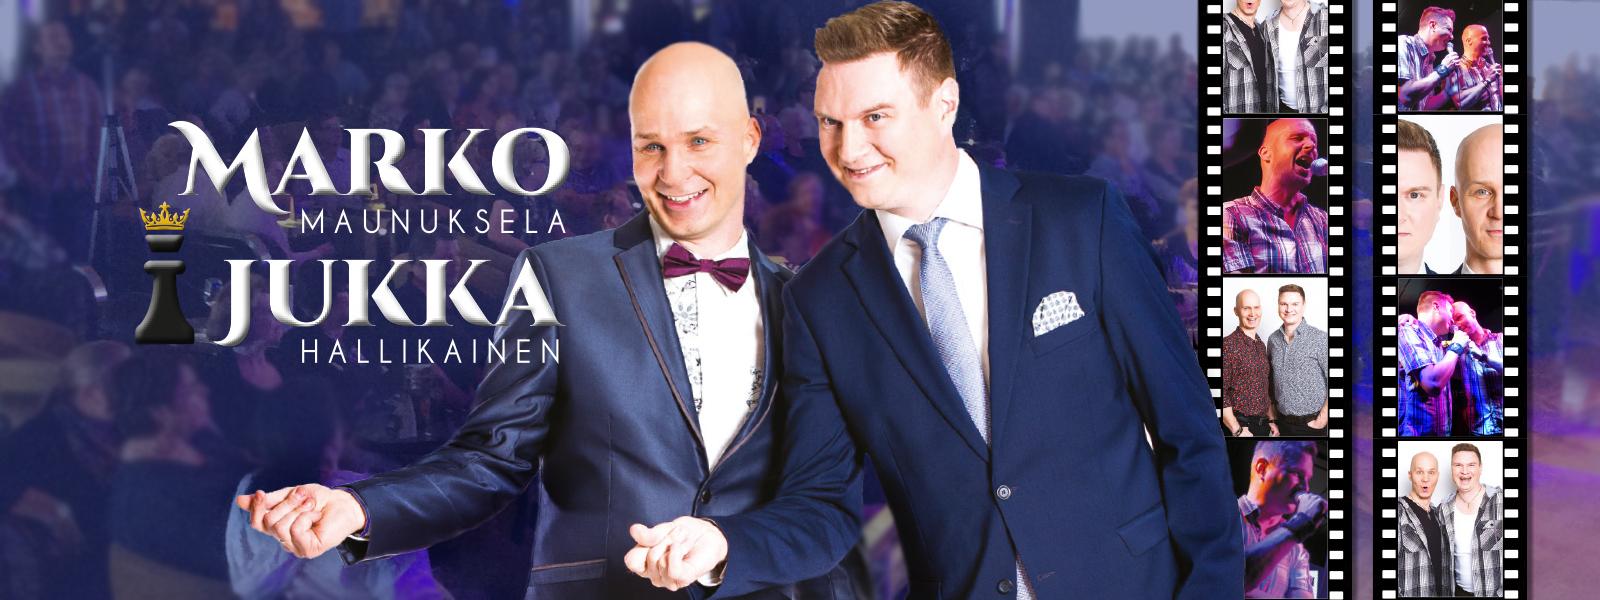 Marko ja Jukka – duo iskee komeetan lailla kesästä 2018 alkaen.